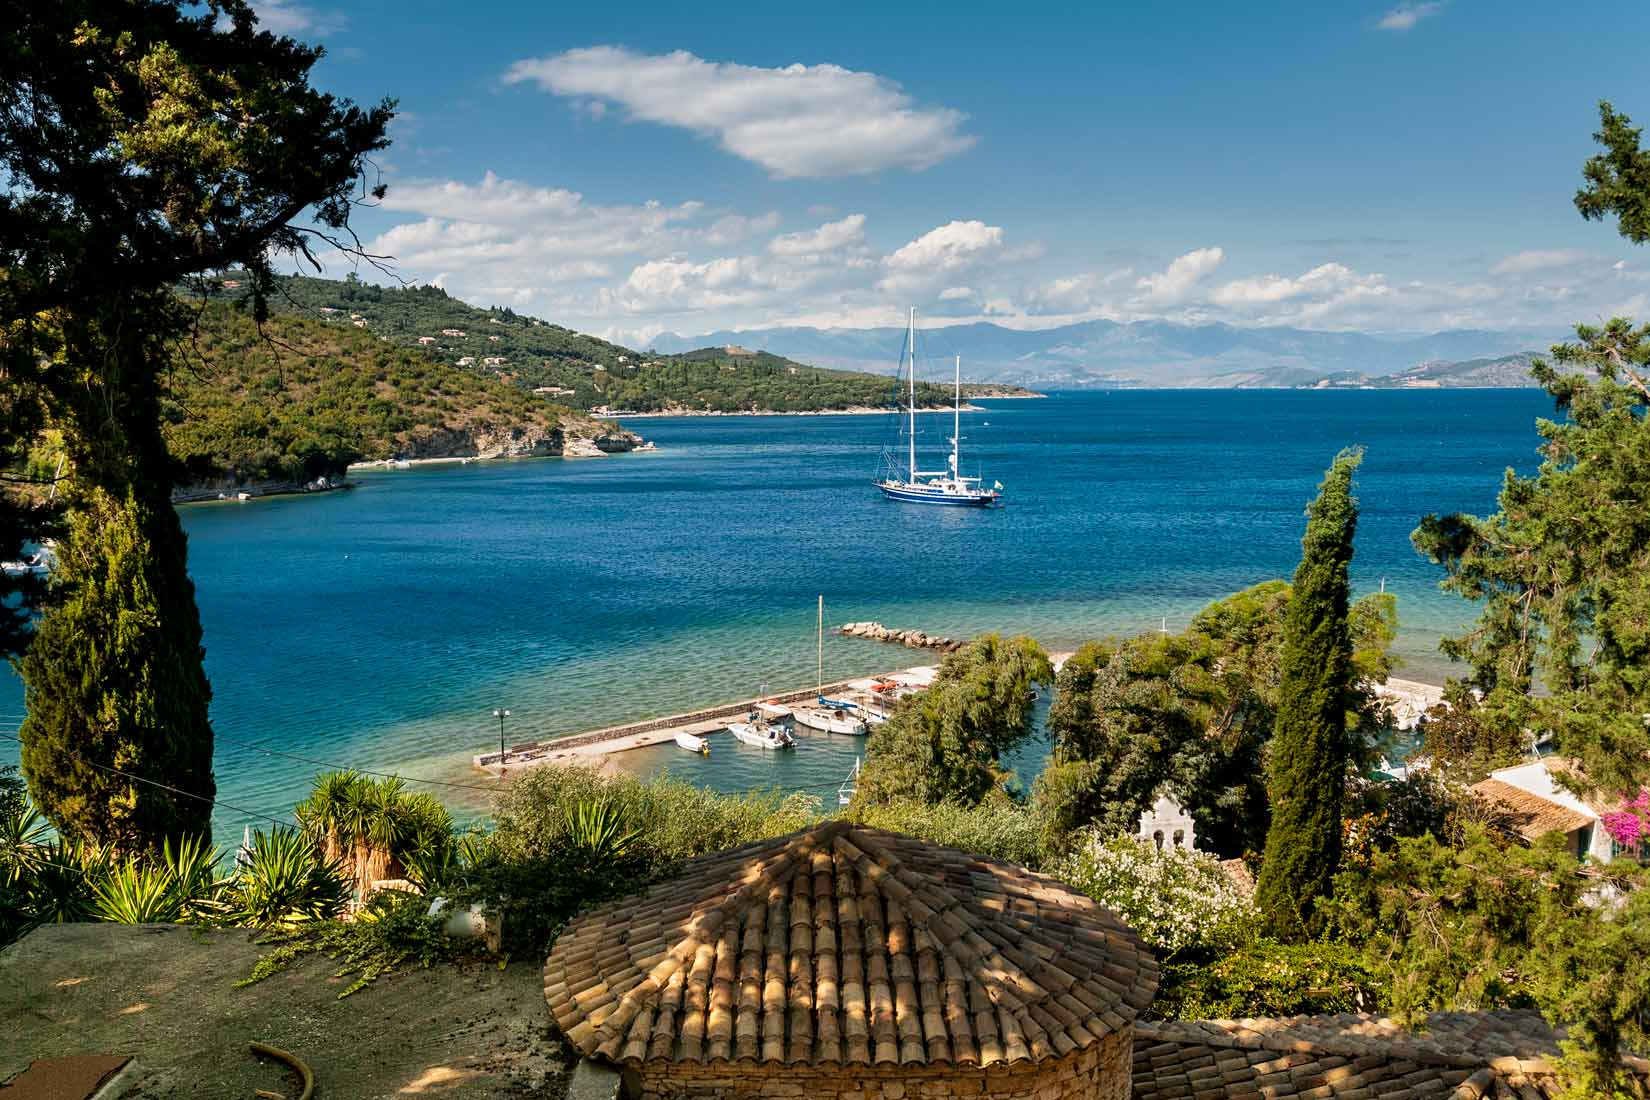 Romantický pohled na východní pobřeží Korfu přes střechy taverny Kulura